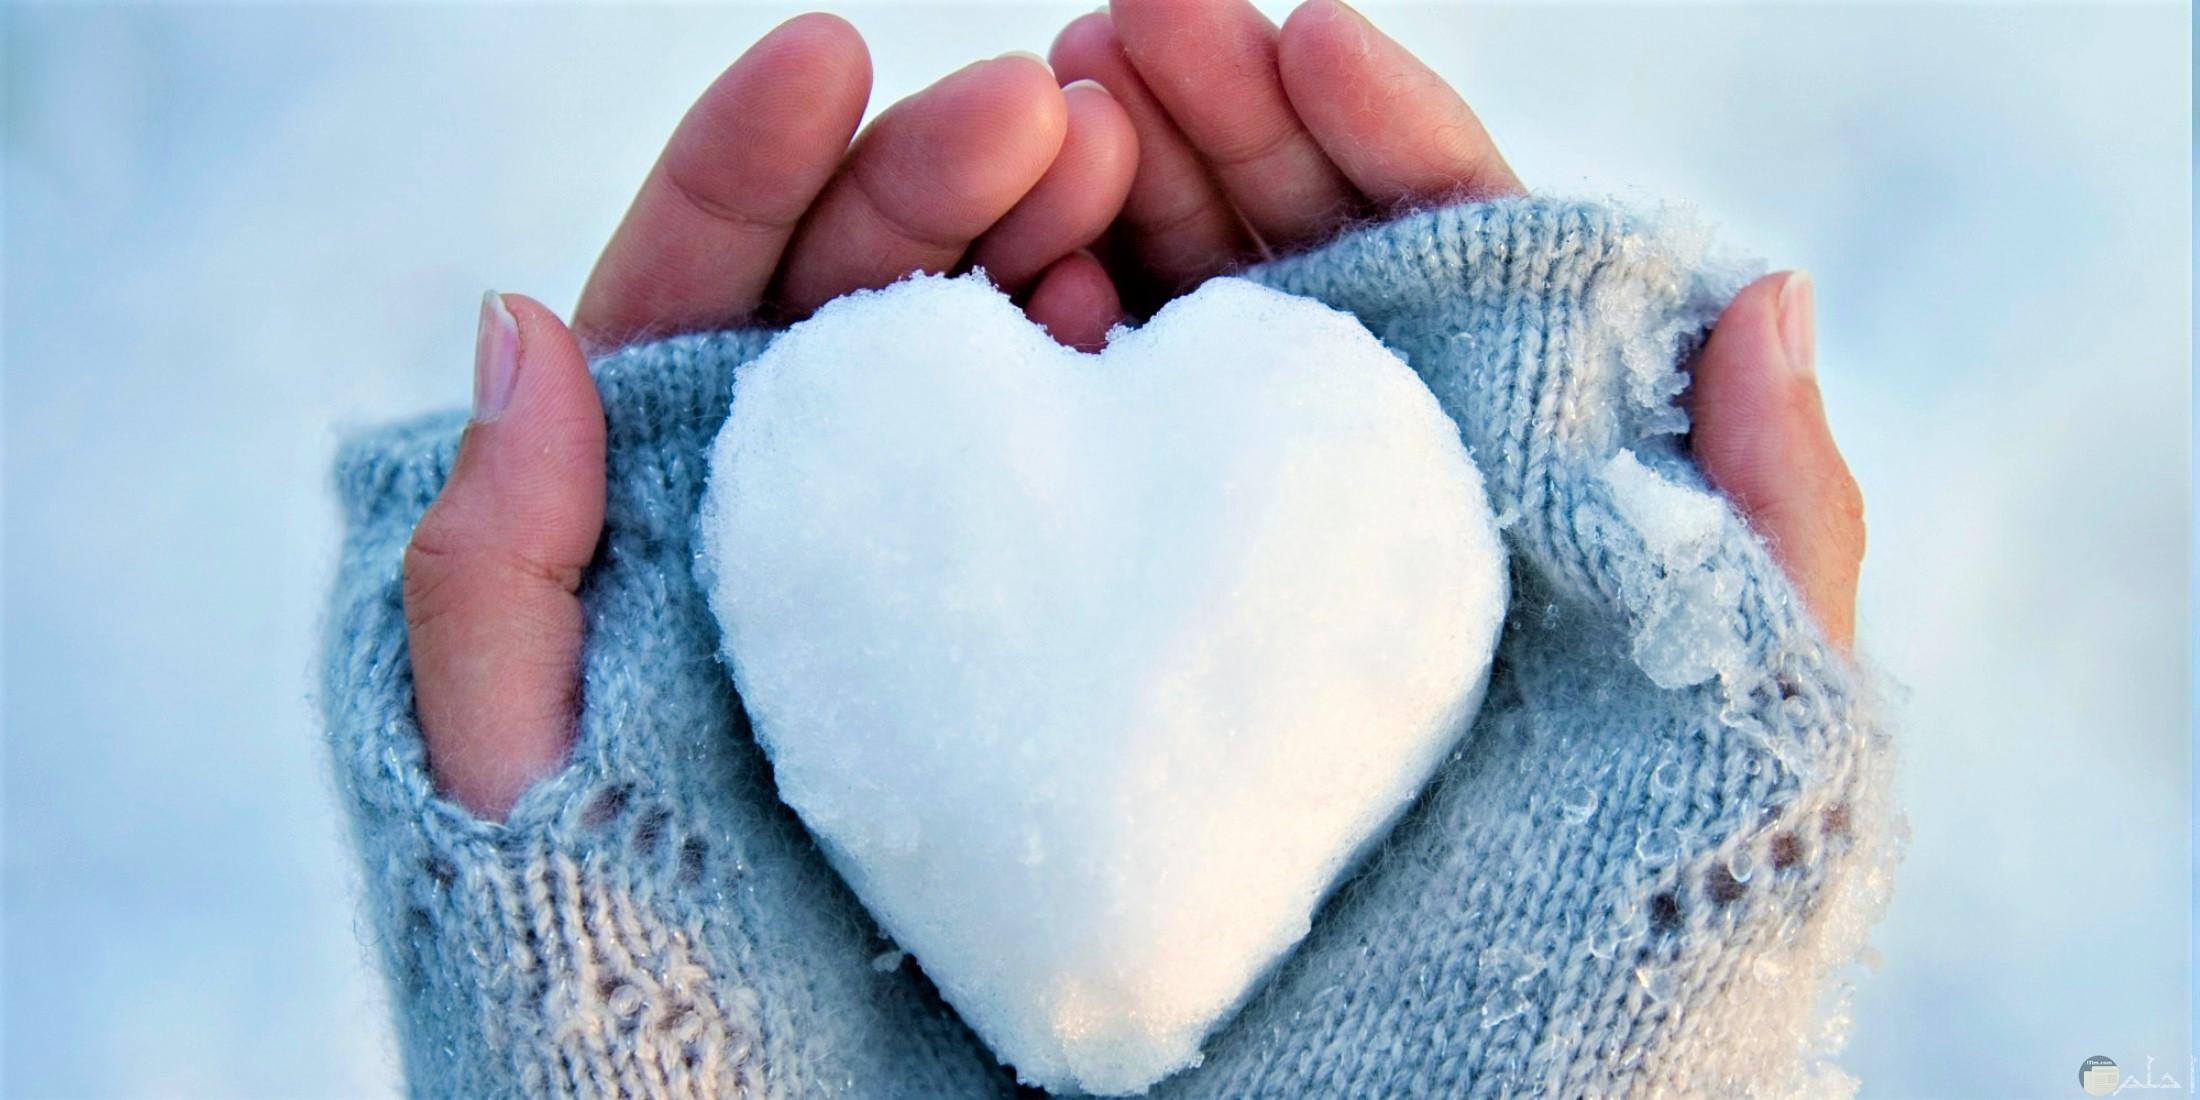 قلب من الثلج يعبر عن دفء المشاعر